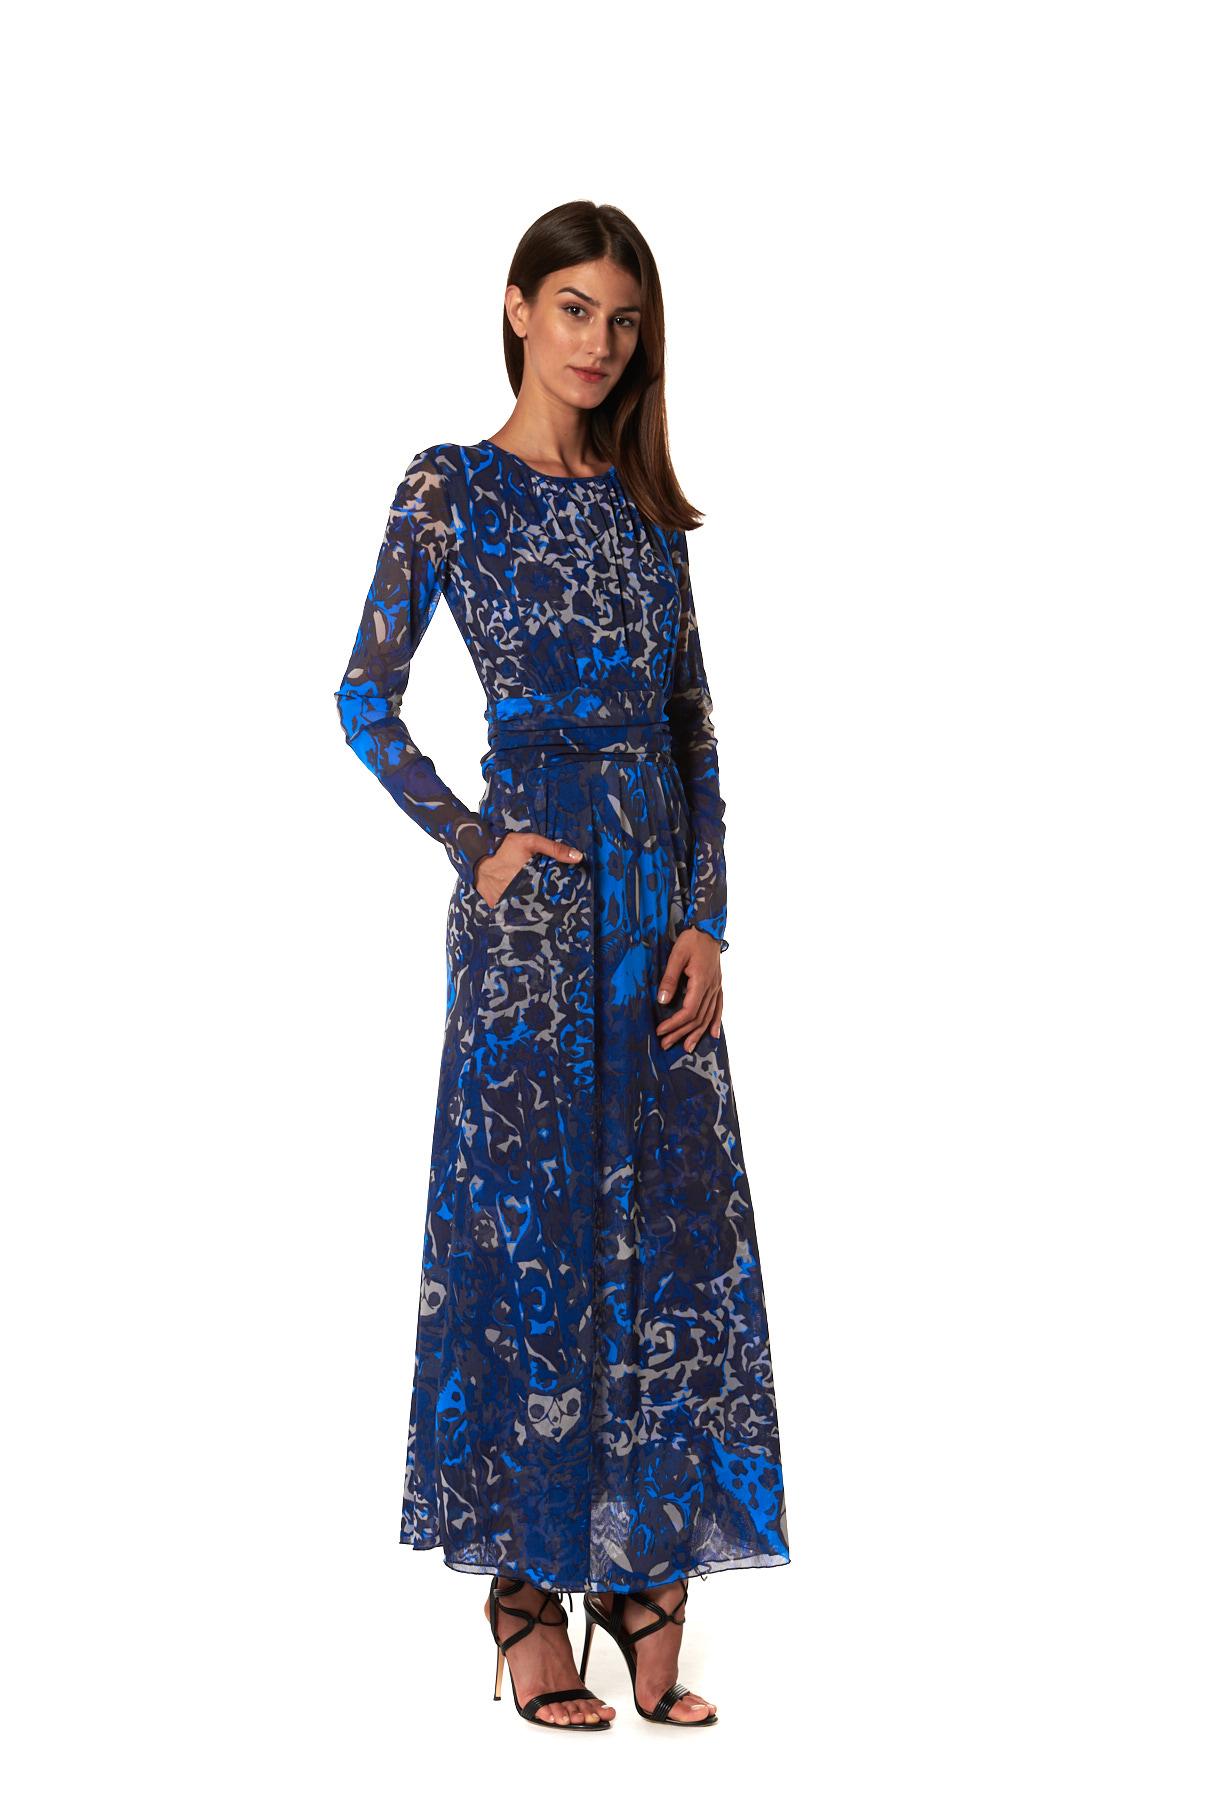 Maria Tulle Blu Lato vestito lungo in fantasia tulle blu